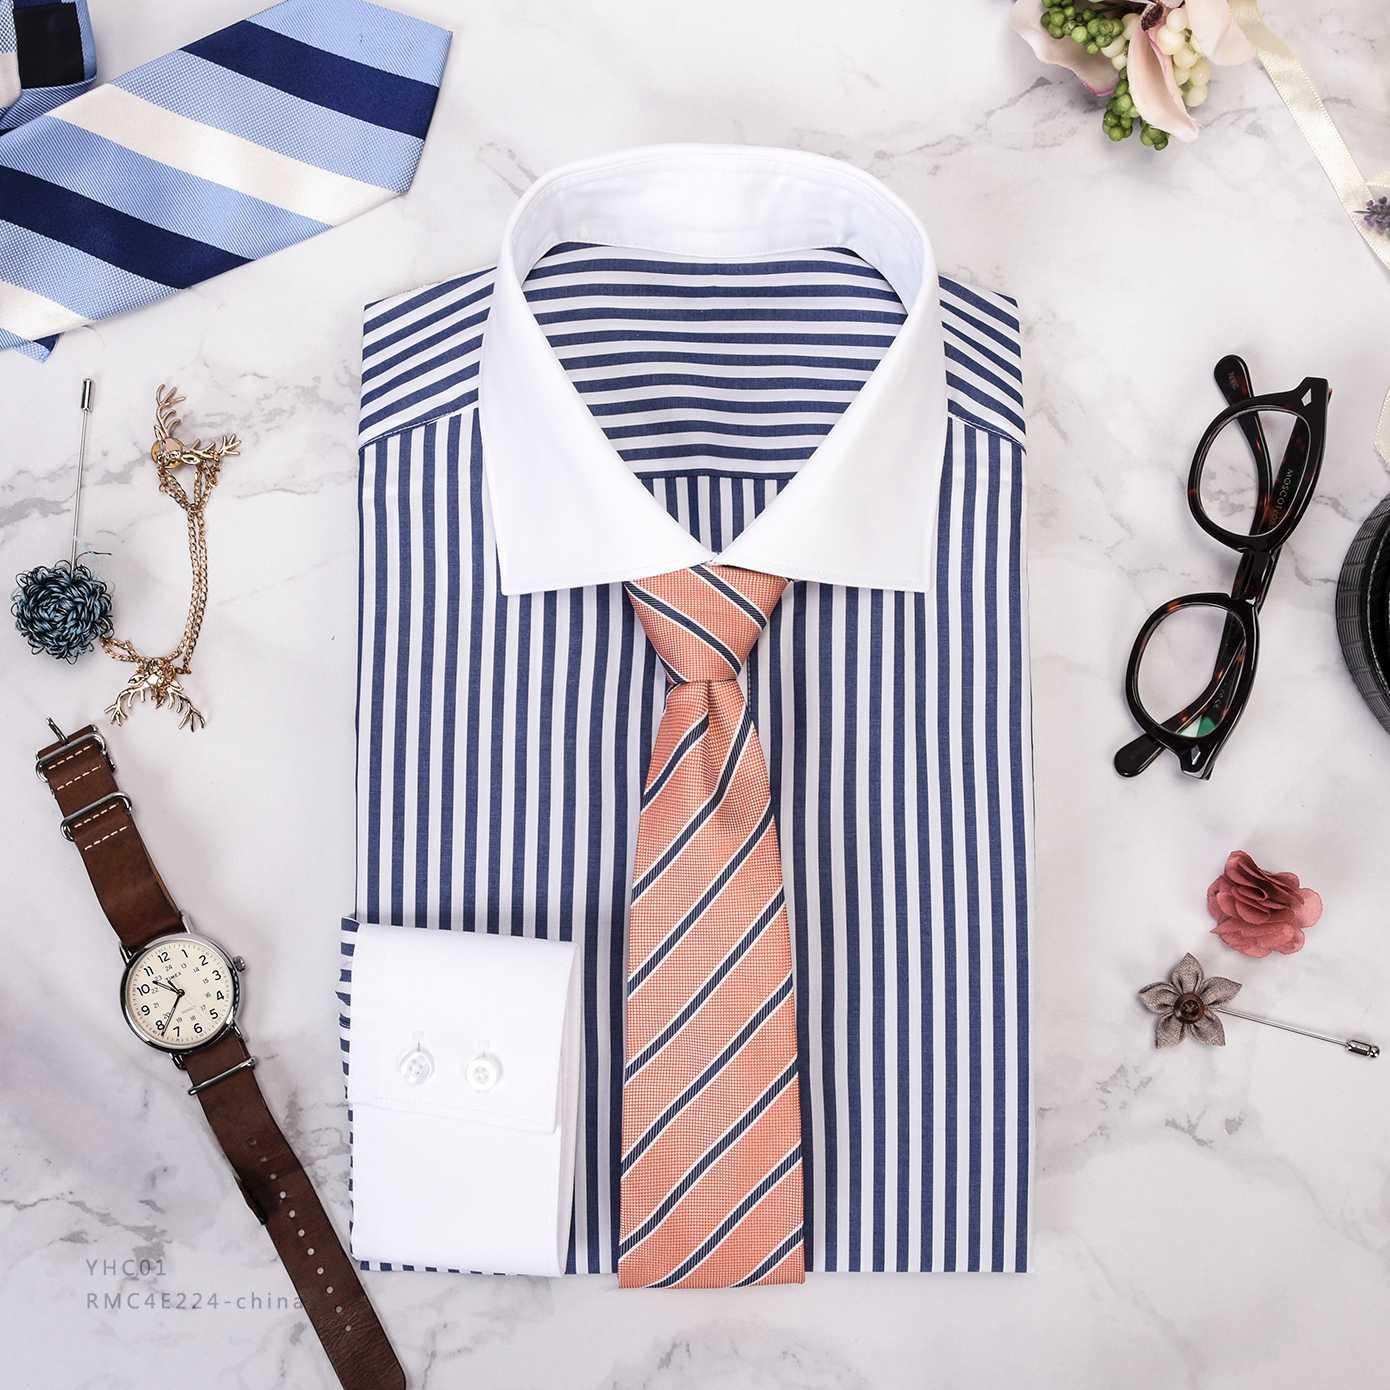 兰白条衬衫